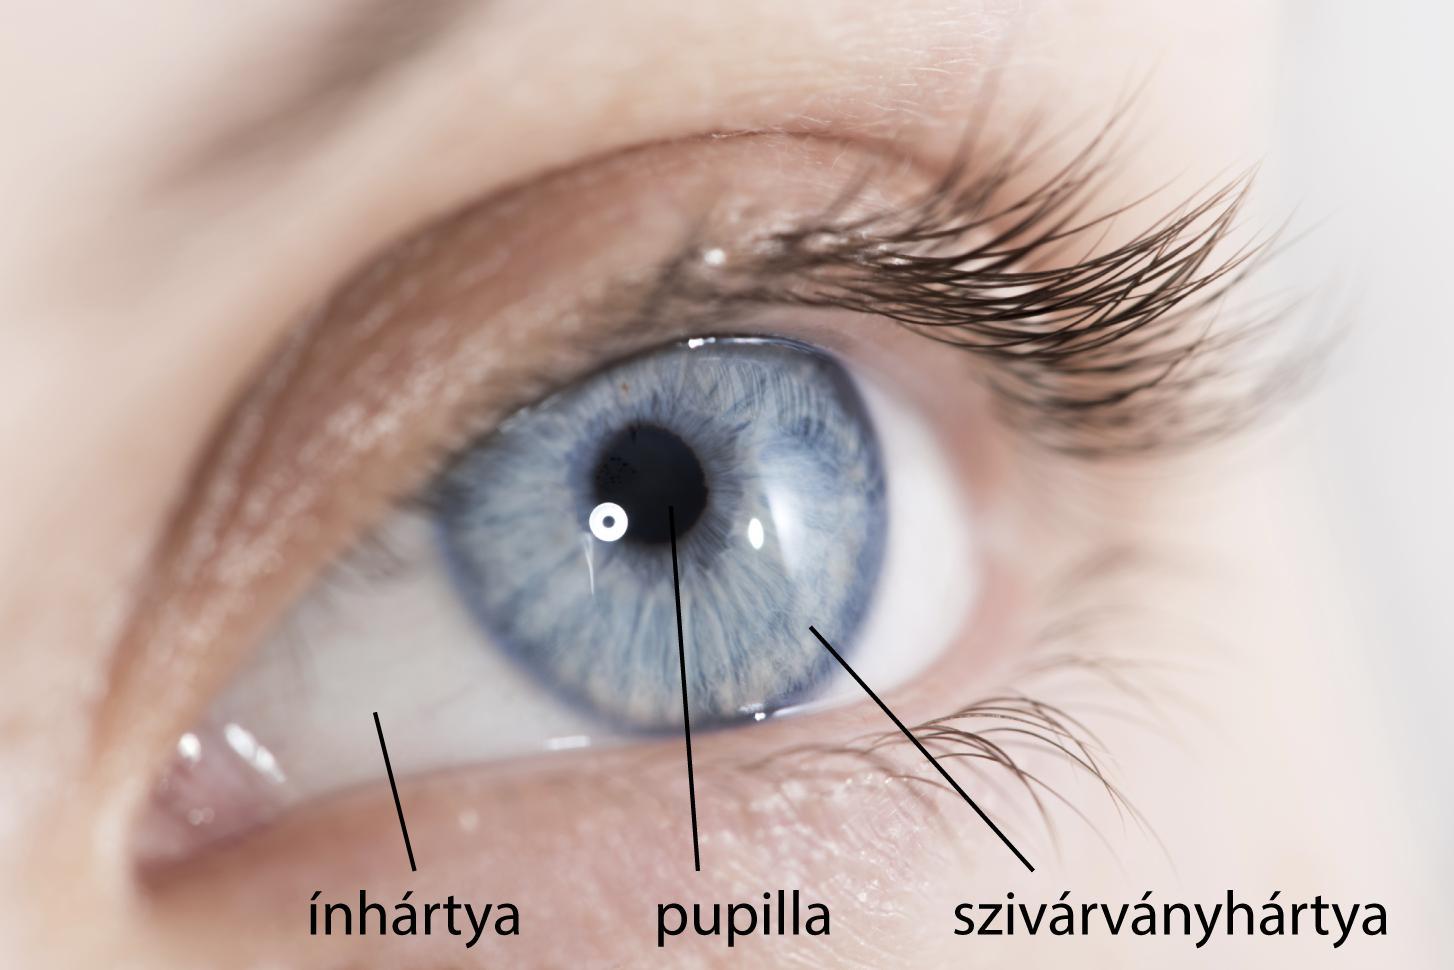 a szem különböző látását nevezik